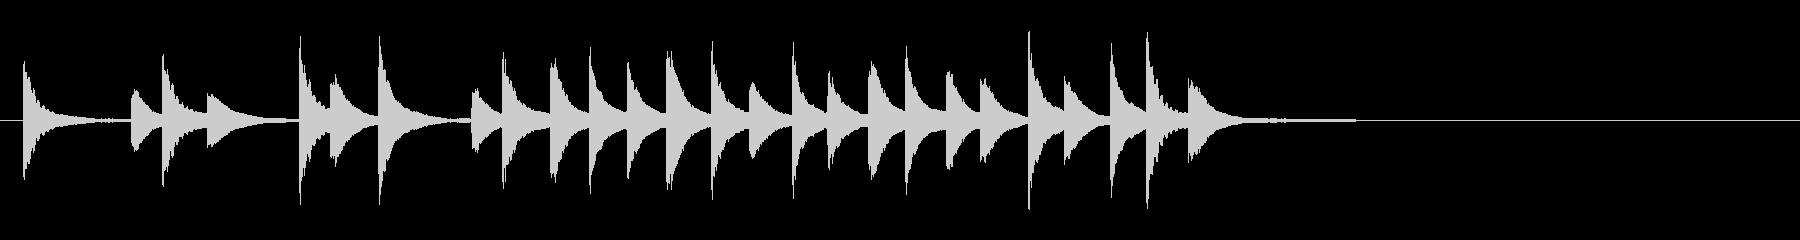 邦楽の小さな鉦、松虫軽快フレーズ音+FXの未再生の波形